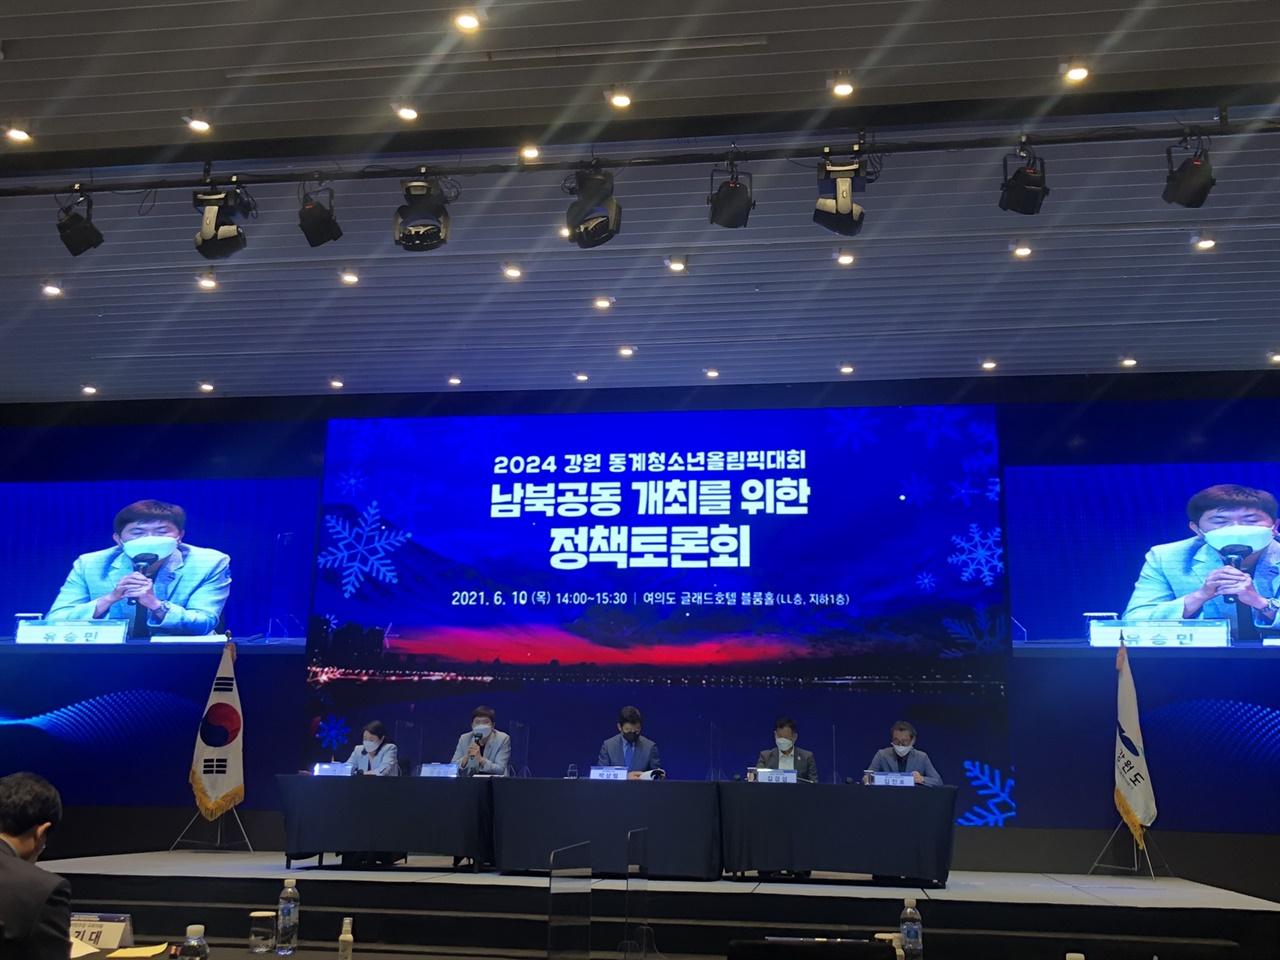 서울 여의도 글래드호텔에서 열린 '2024 강원 동계청소년올림픽대회 남북공동 개최를 위한 정책토론회'에서 유승민 위원이 토론을 하고 있다.